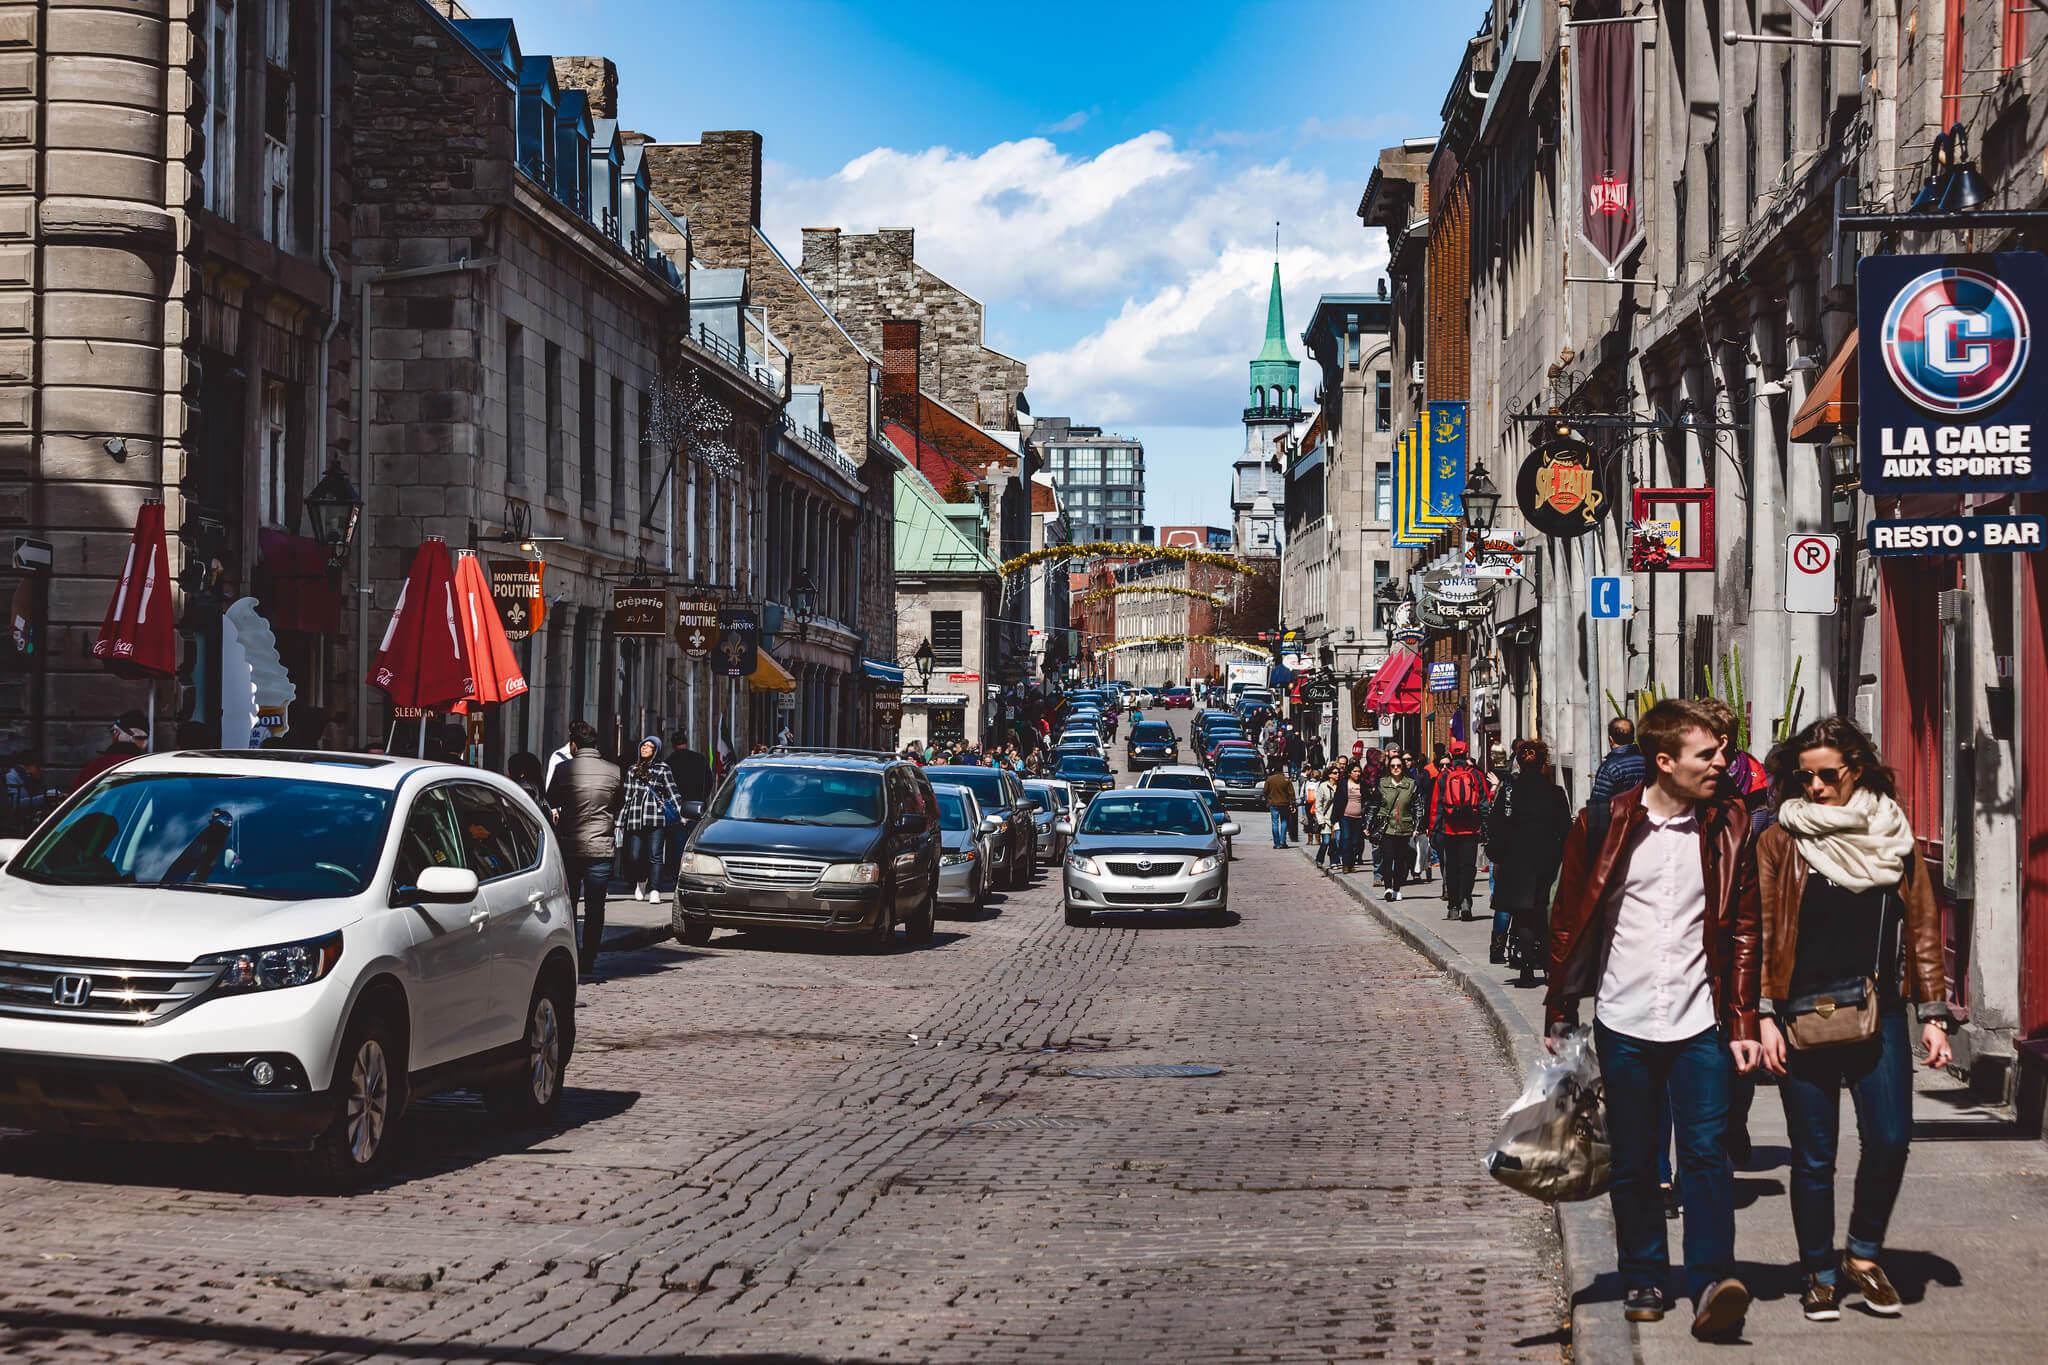 カナダ・モントリオールを満喫!おすすめ観光スポット22選!|Stayway